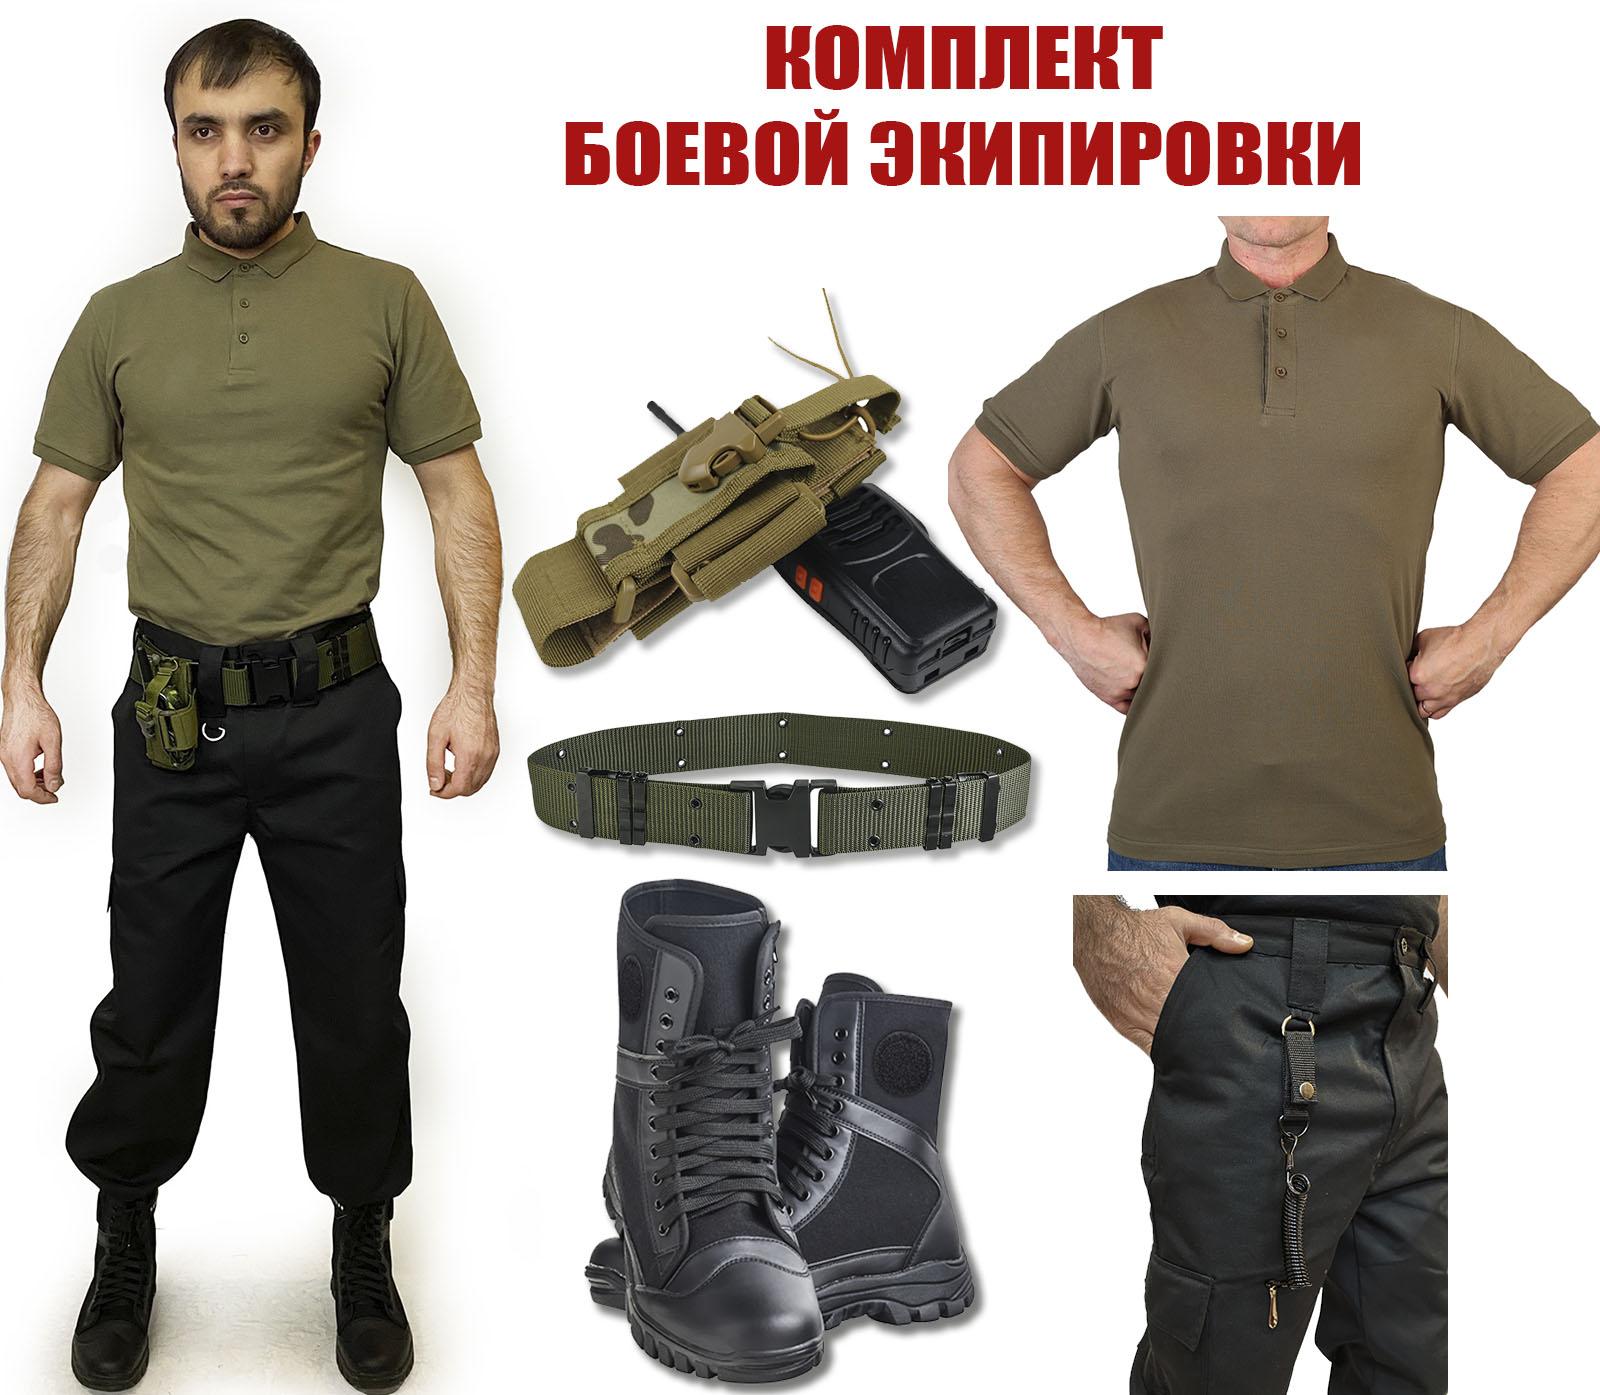 Комплект армейской экипировки